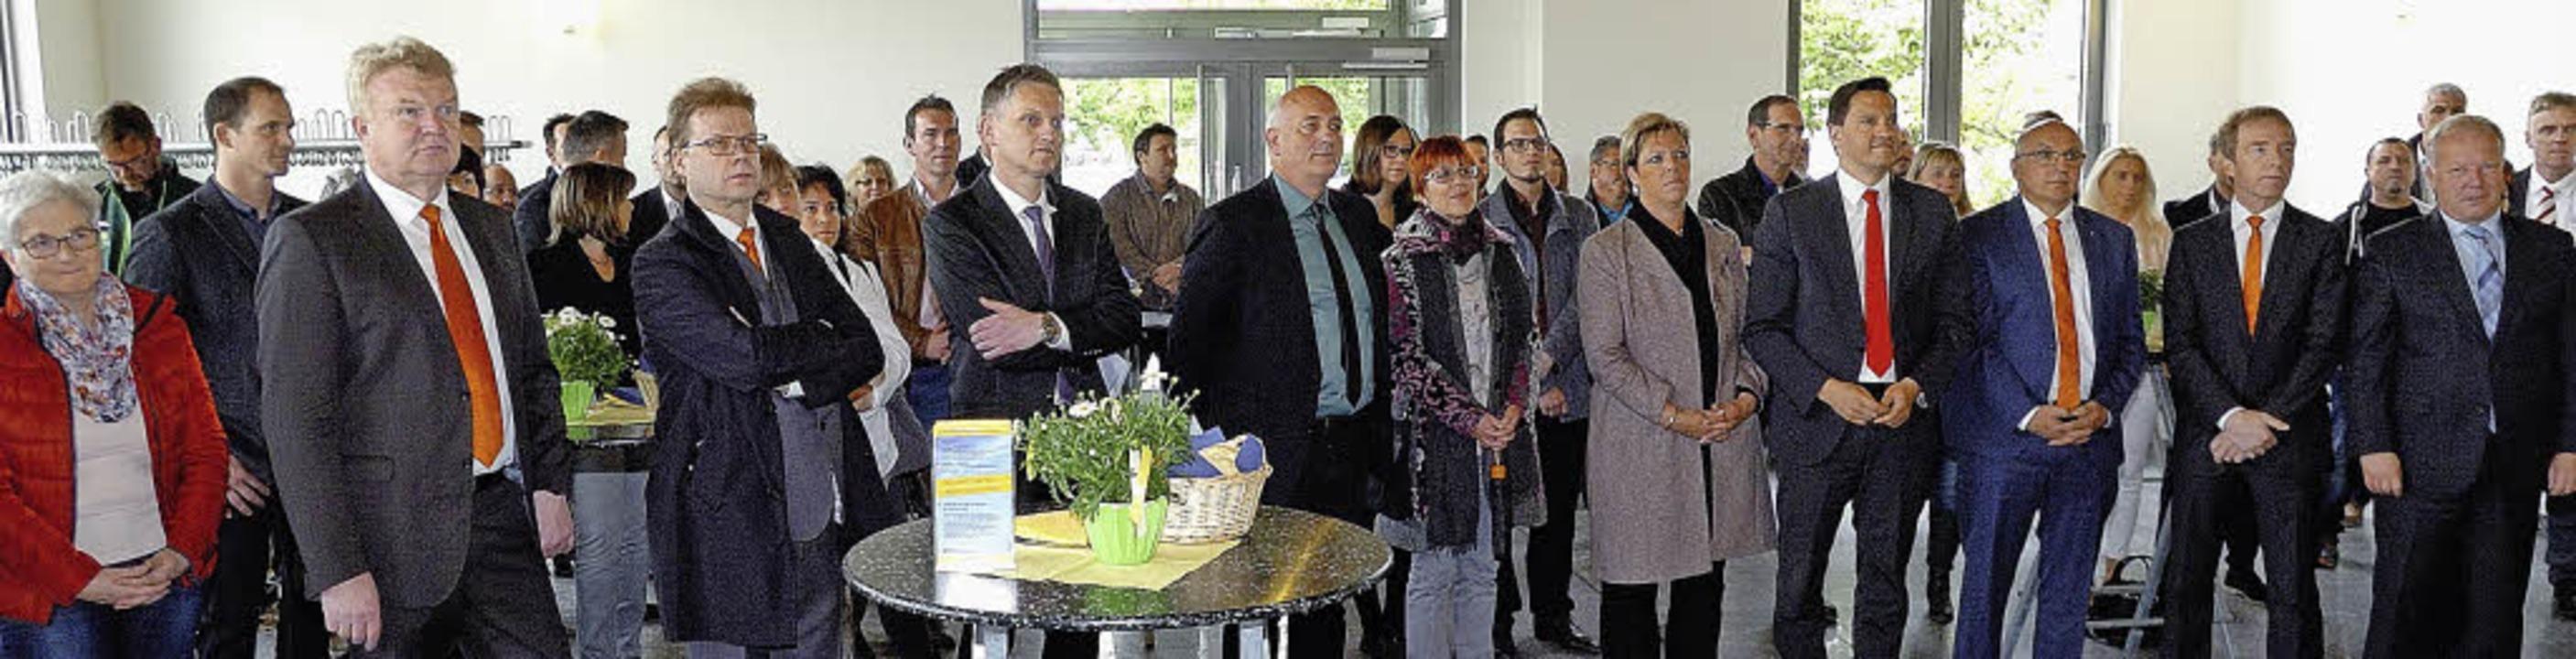 Zur Eröffnung der fünften Leistungssch...itik und Wirtschaft willkommen heißen.  | Foto: Jürgen Schweizer